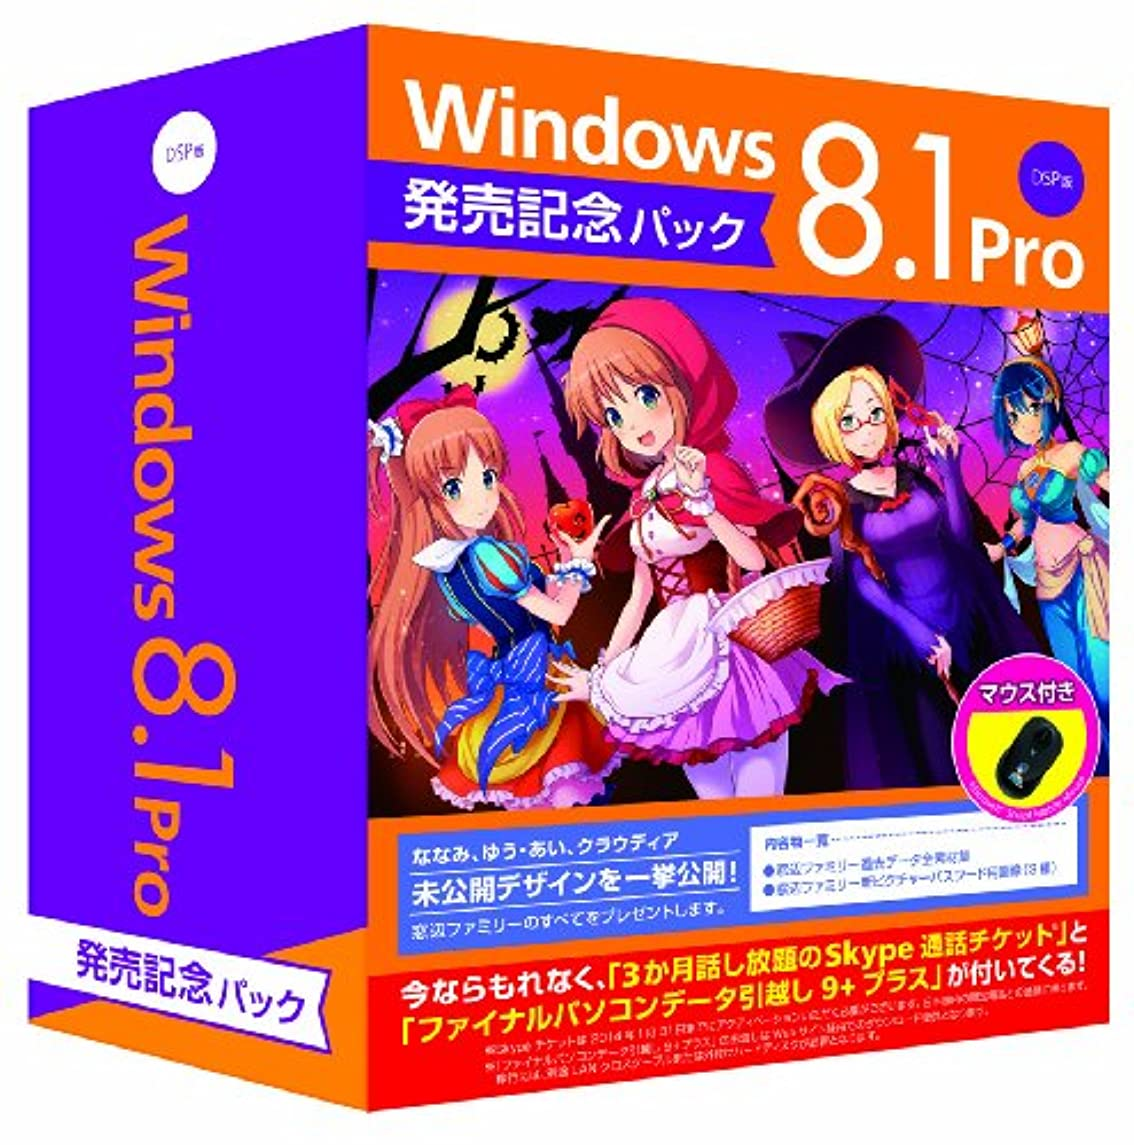 禁輸心理的に義務的【旧商品】Microsoft Windows 8.1 Pro (DSP版) 64bit 日本語 発売記念パック オリジナルイラストマウス付